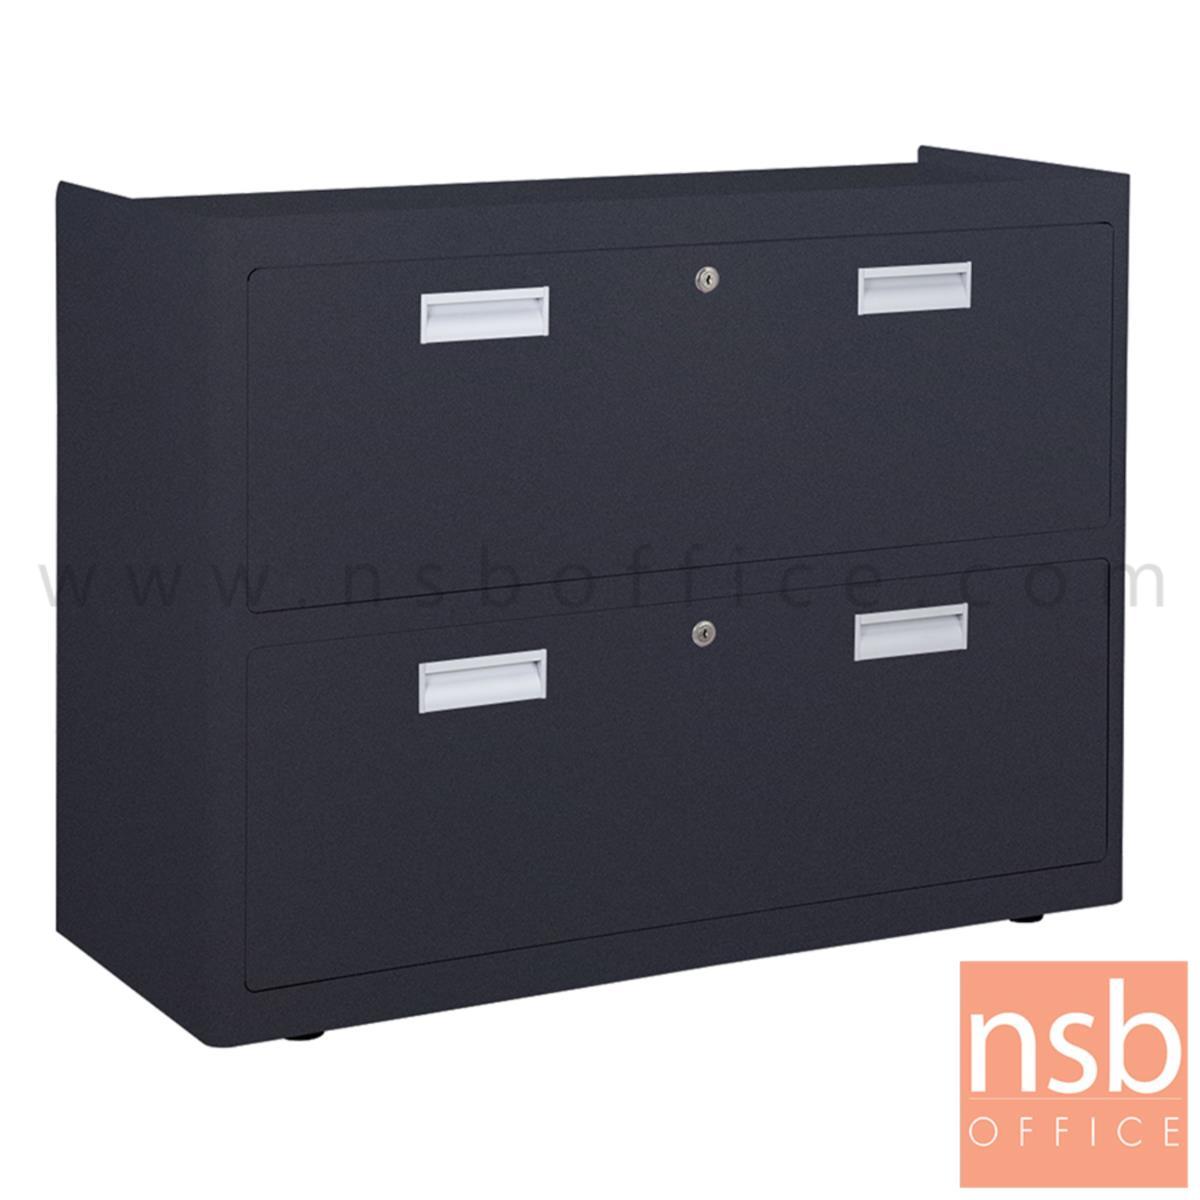 E21A025:ตู้เหล็กลิ้นชักแฟ้มแขวน วางข้างสูงเสมอโต๊ะ มีขอบกันตก KU-404